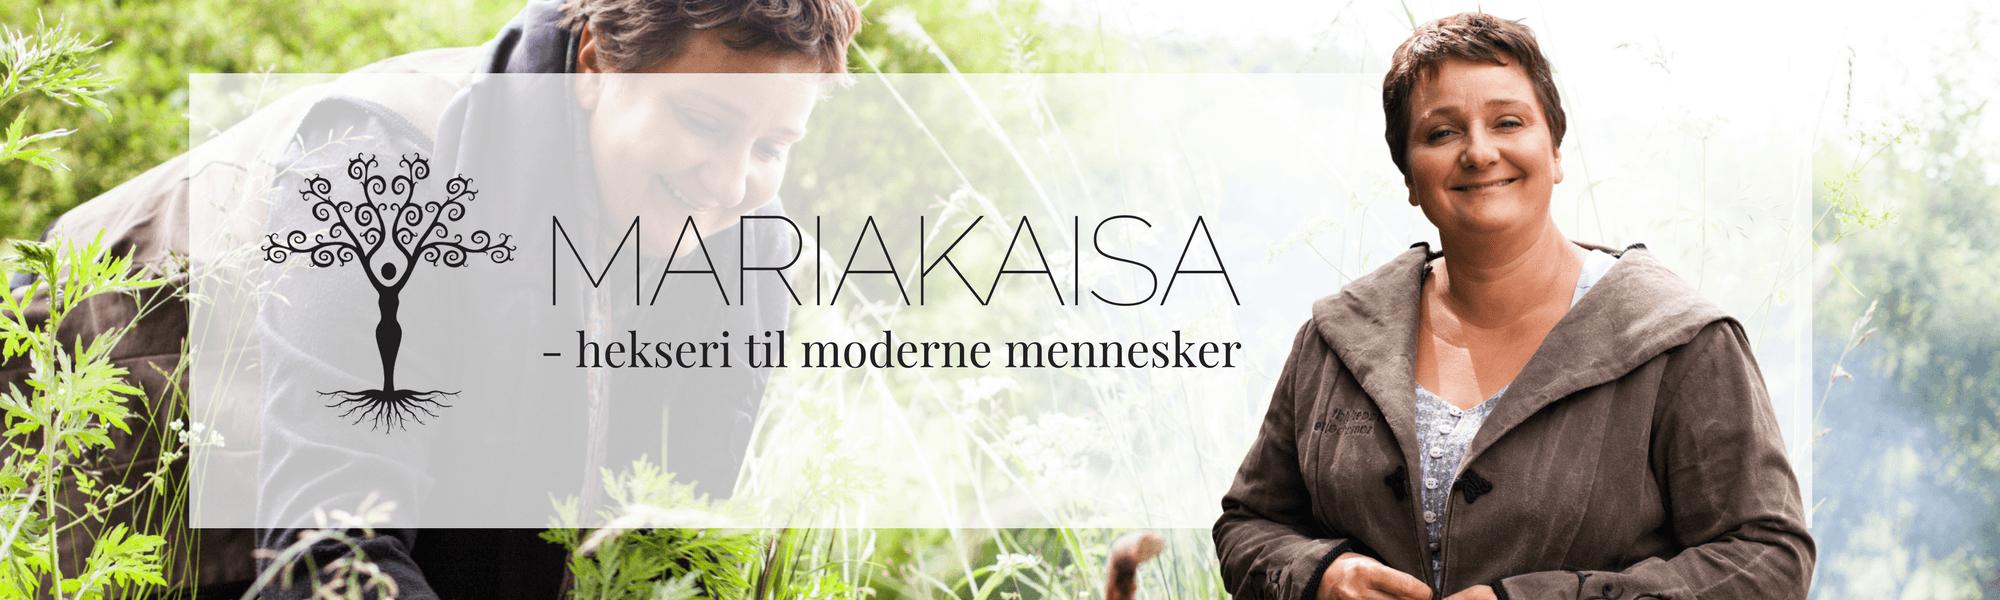 MARIAKAISA - hekseri til moderne mennesker